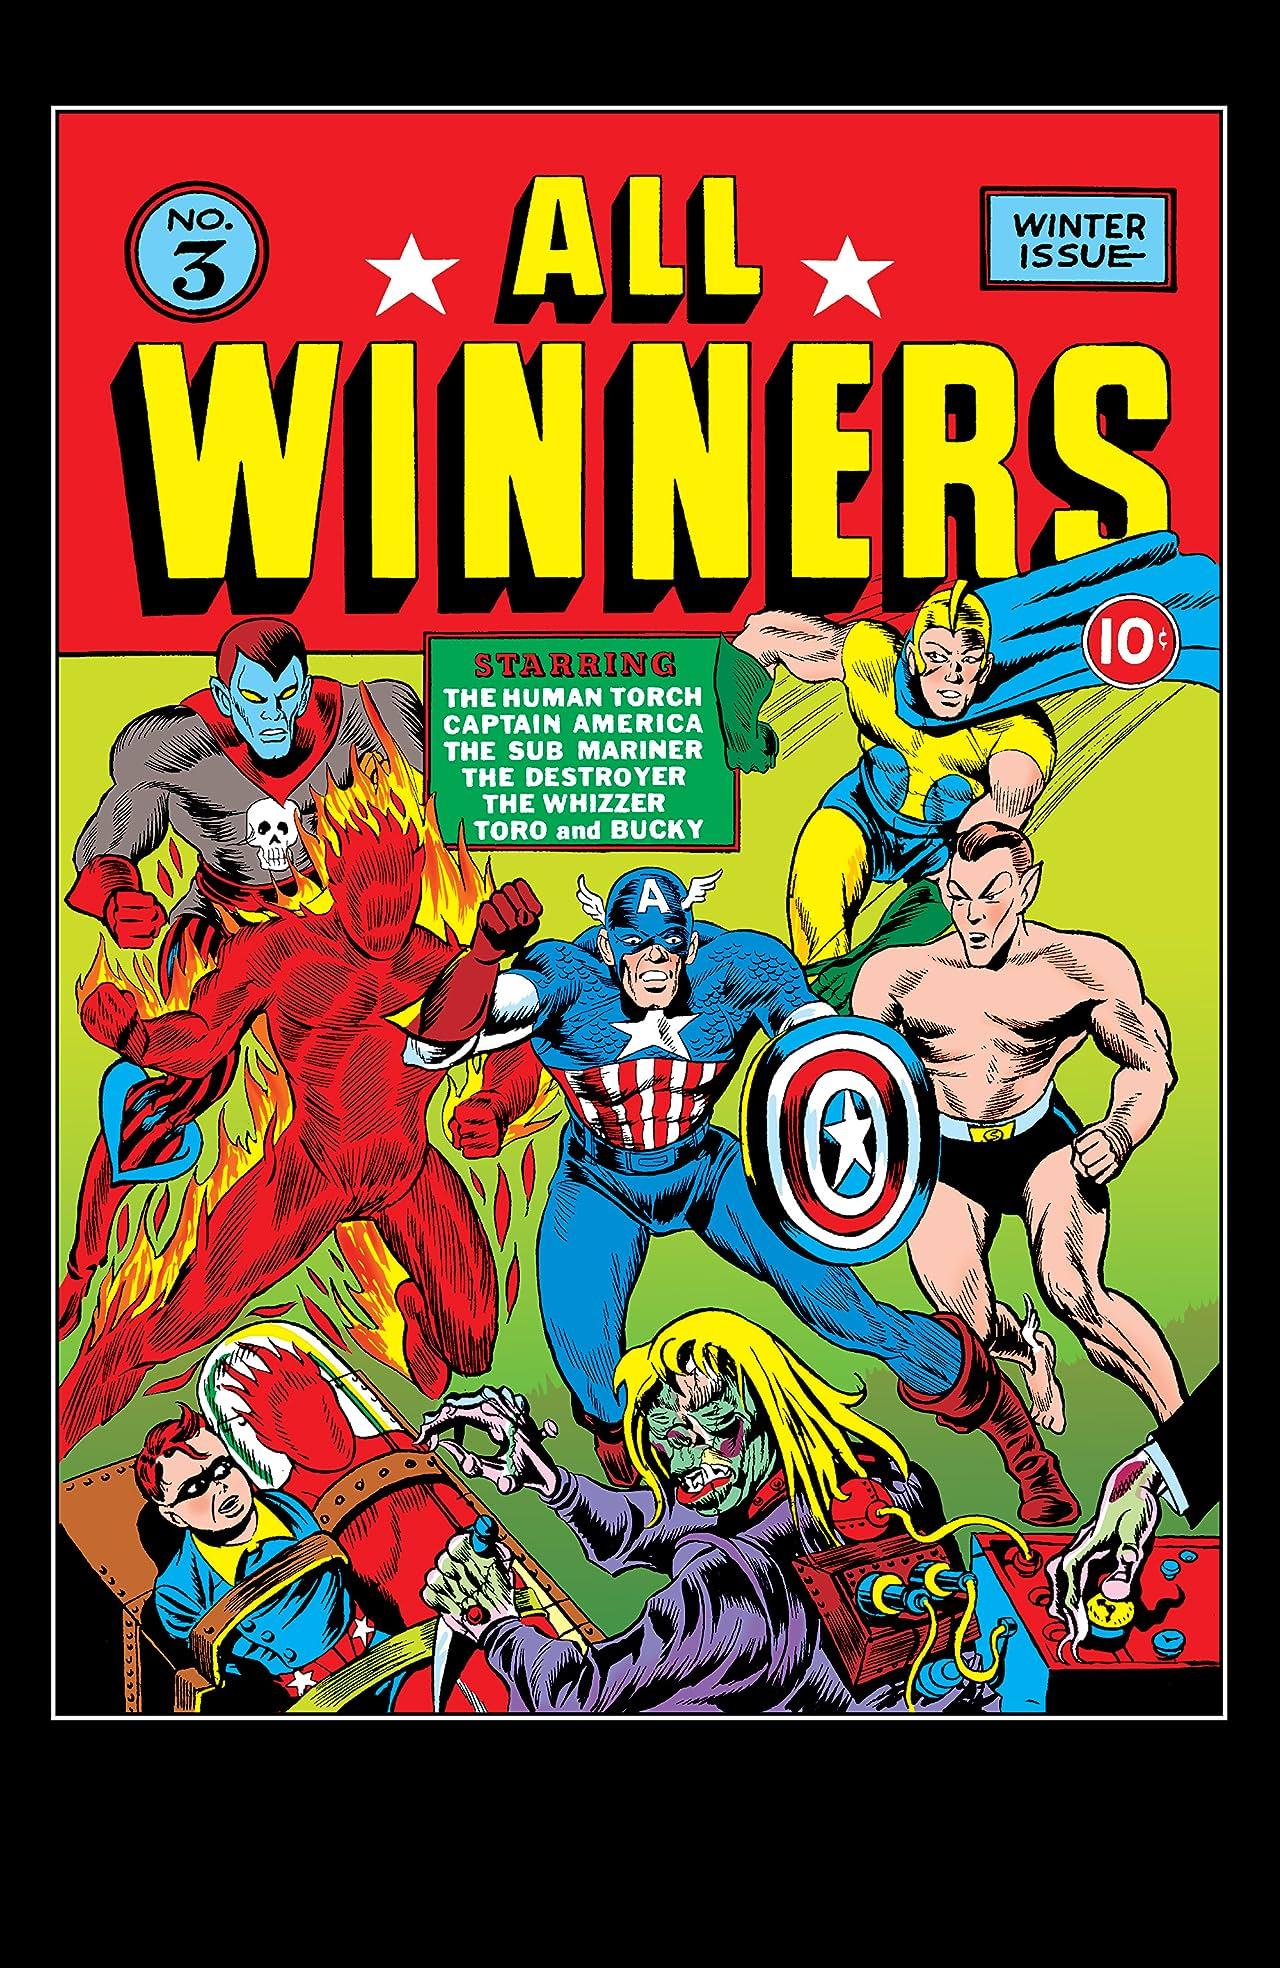 All-Winners Comics (1941-1946) #3